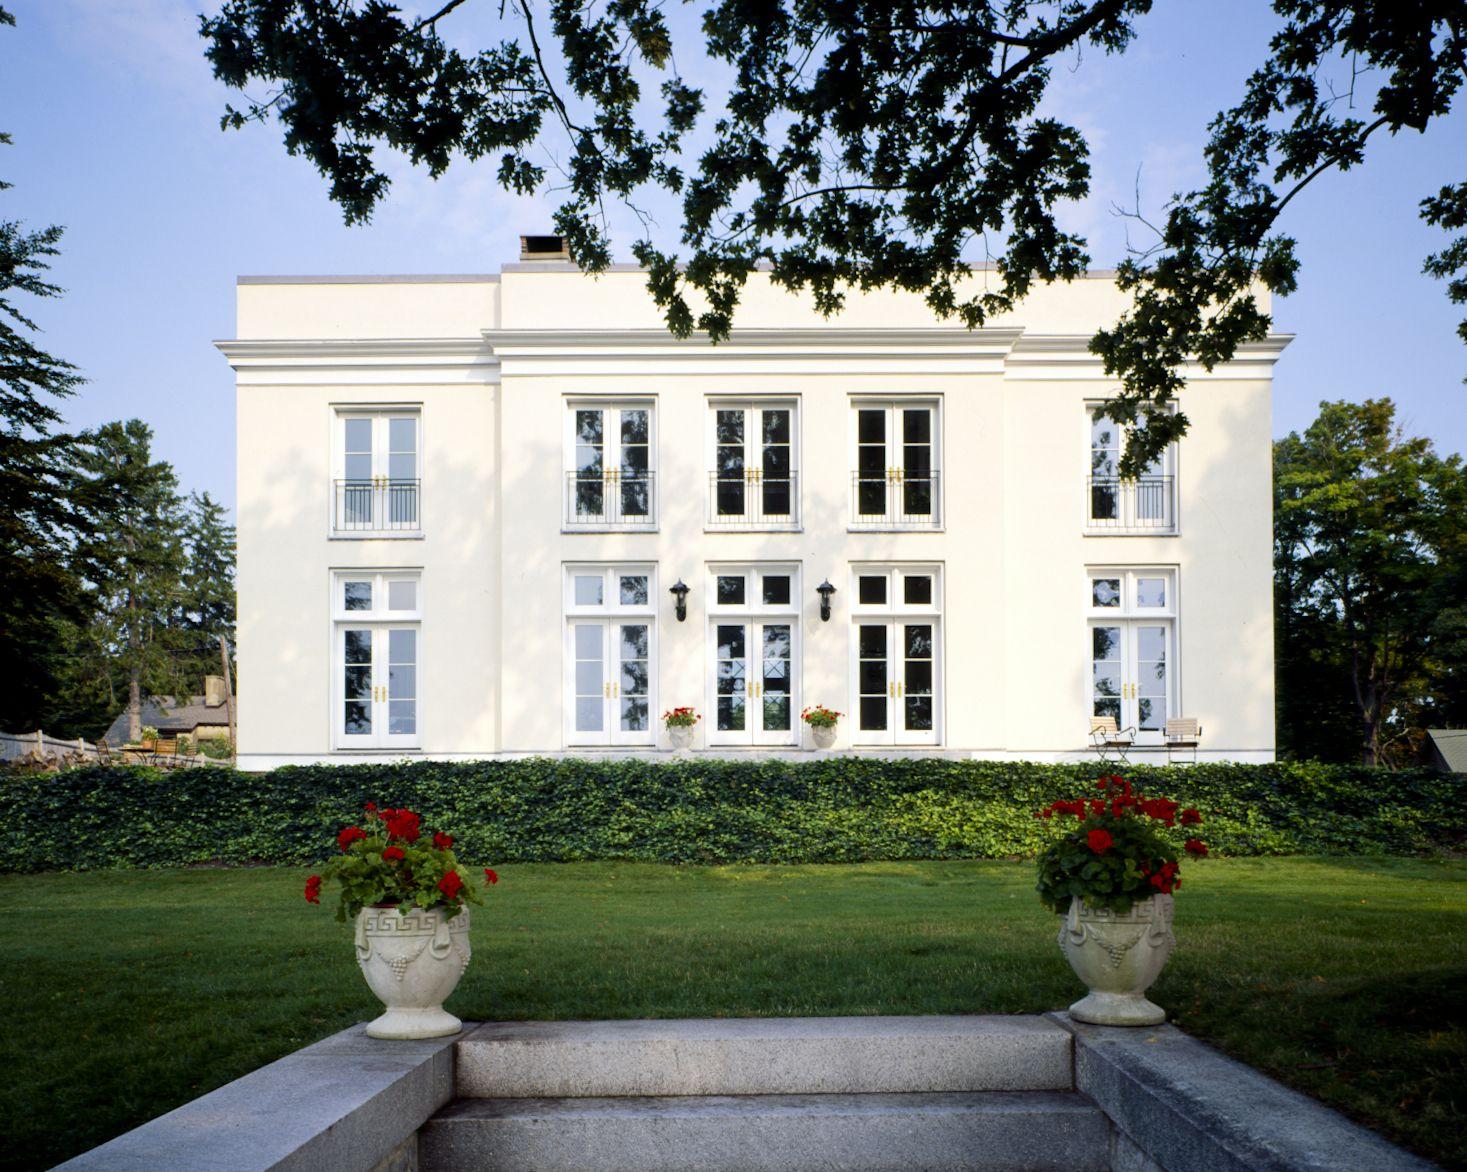 contemporary classical architecture - Google Search | Koda ...